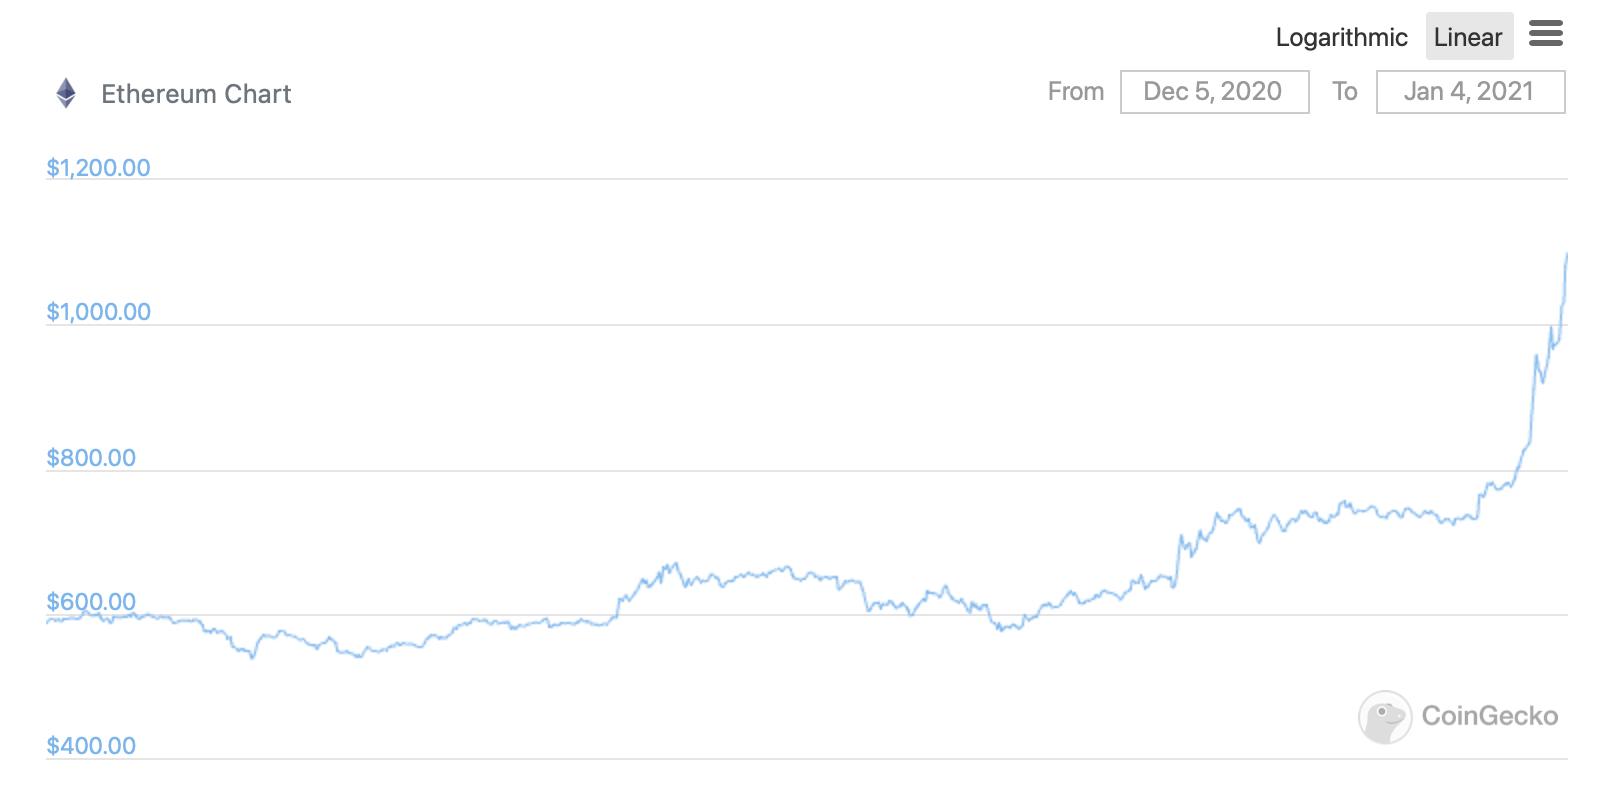 График курса Эфириума за месяц